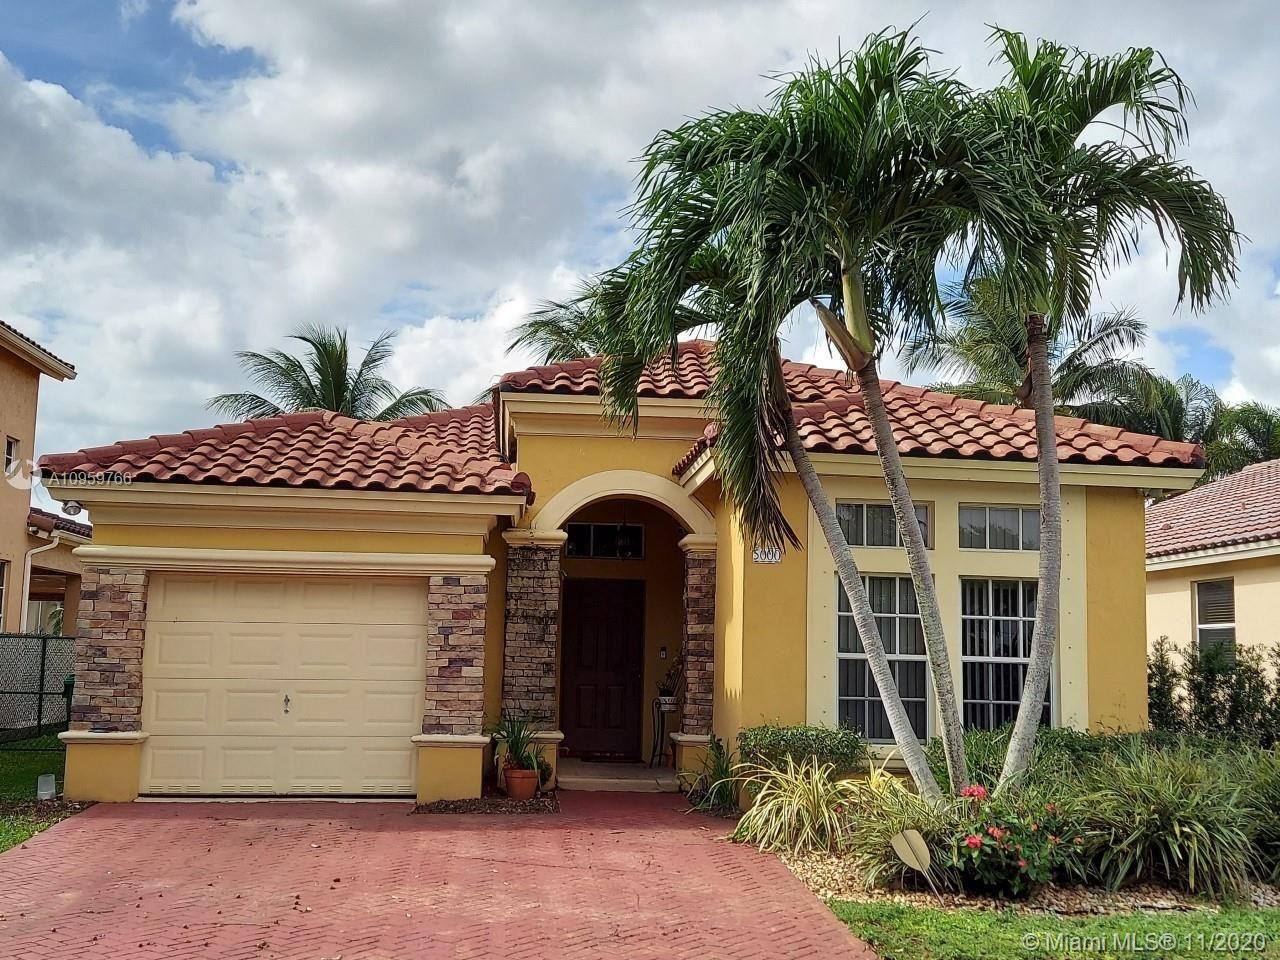 Photo of Miramar, FL 33027 (MLS # A10959766)